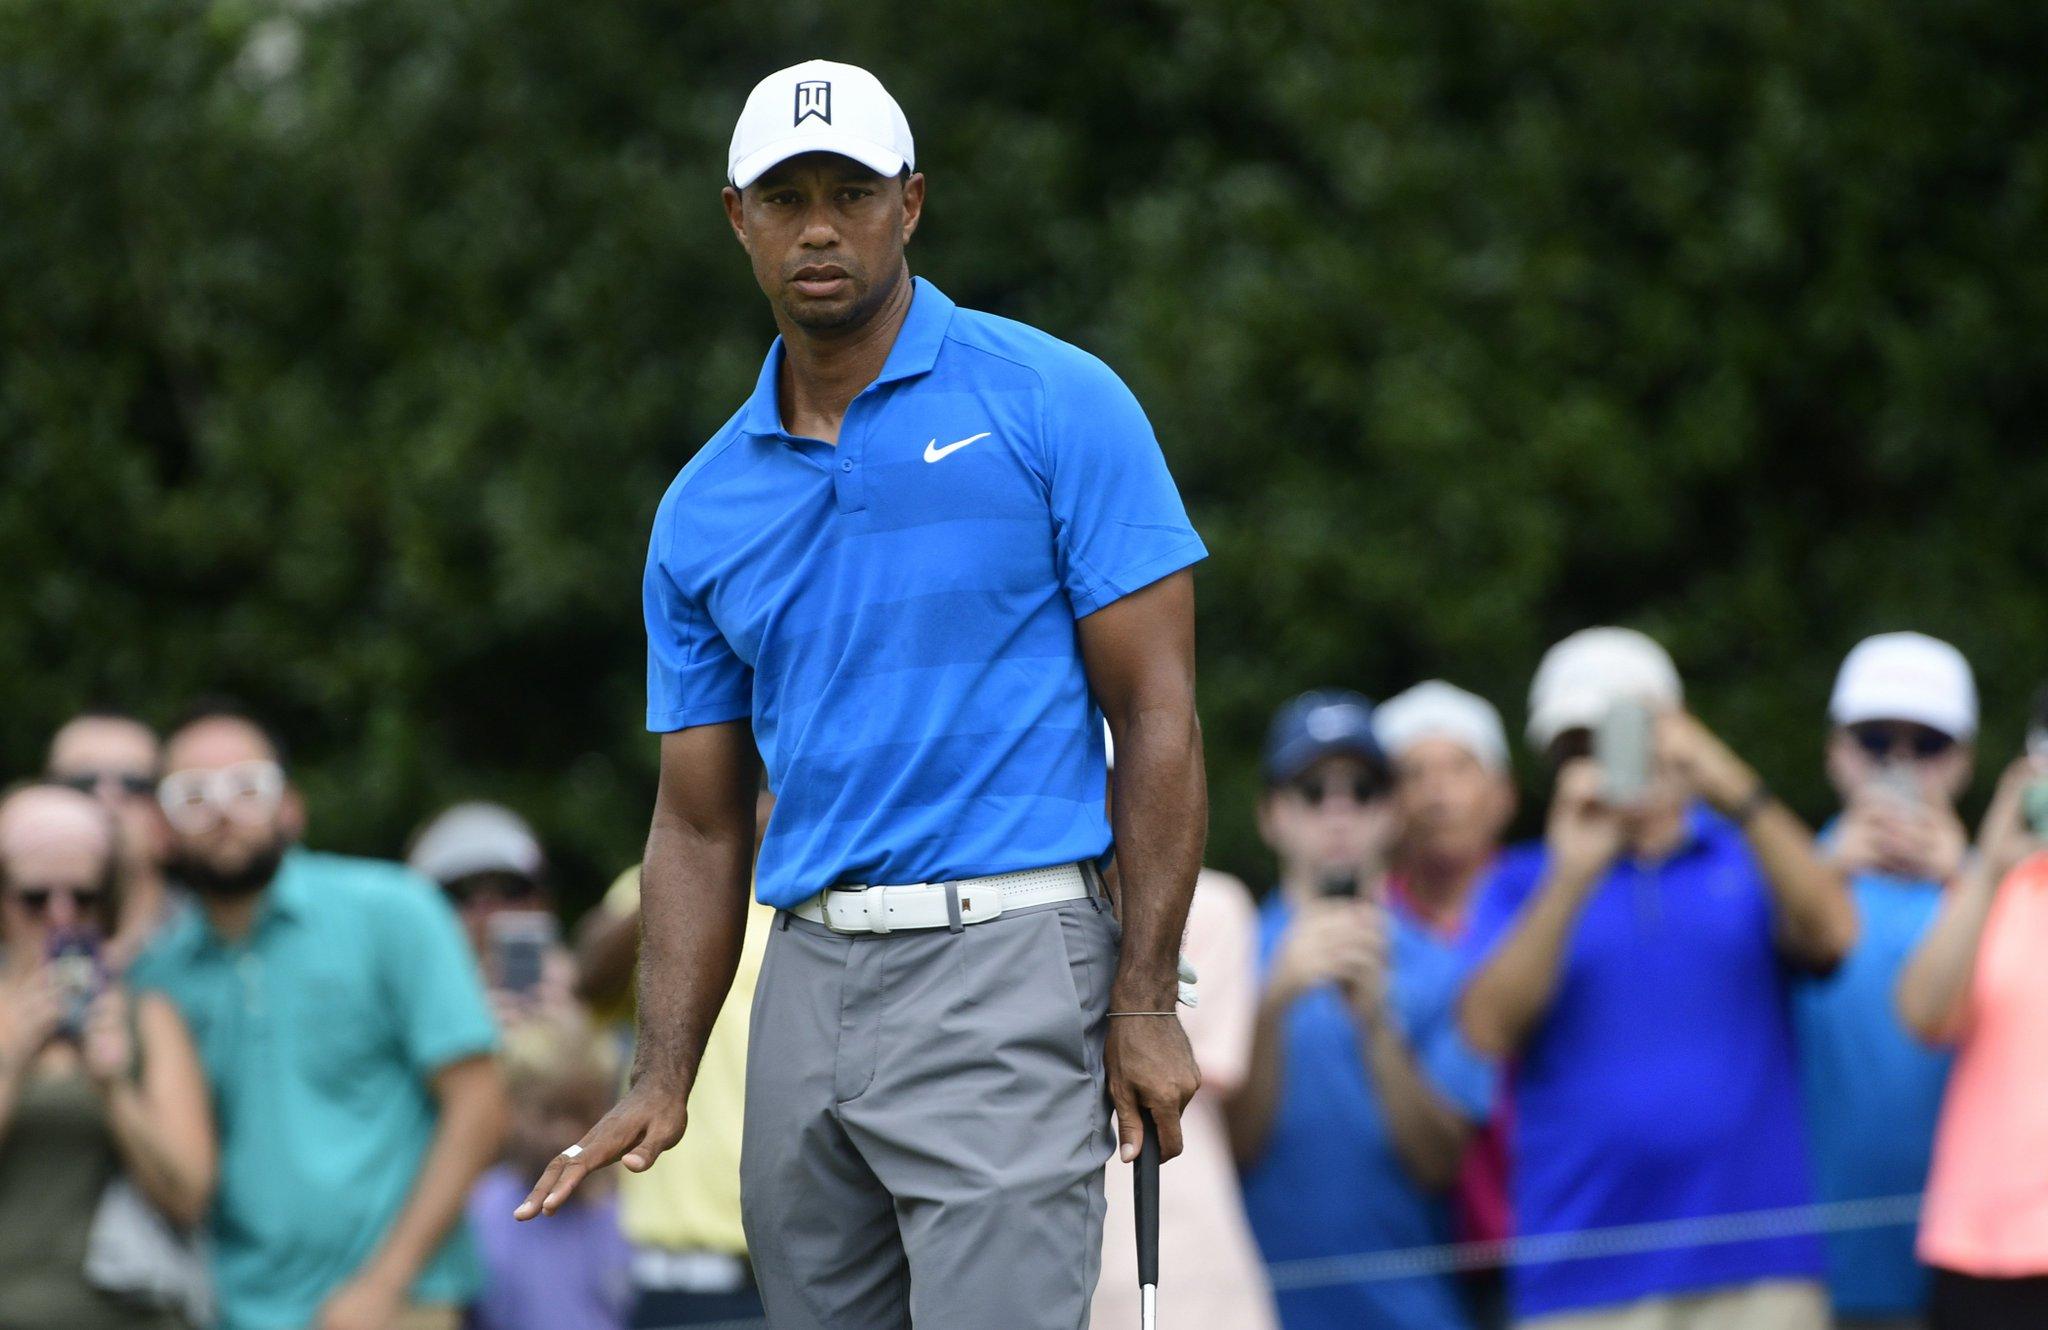 Tiger Woods today:  Birdie Par Birdie Birdie Birdie Birdie Birdie  �� leads by 5 https://t.co/BHfCFKHNAX